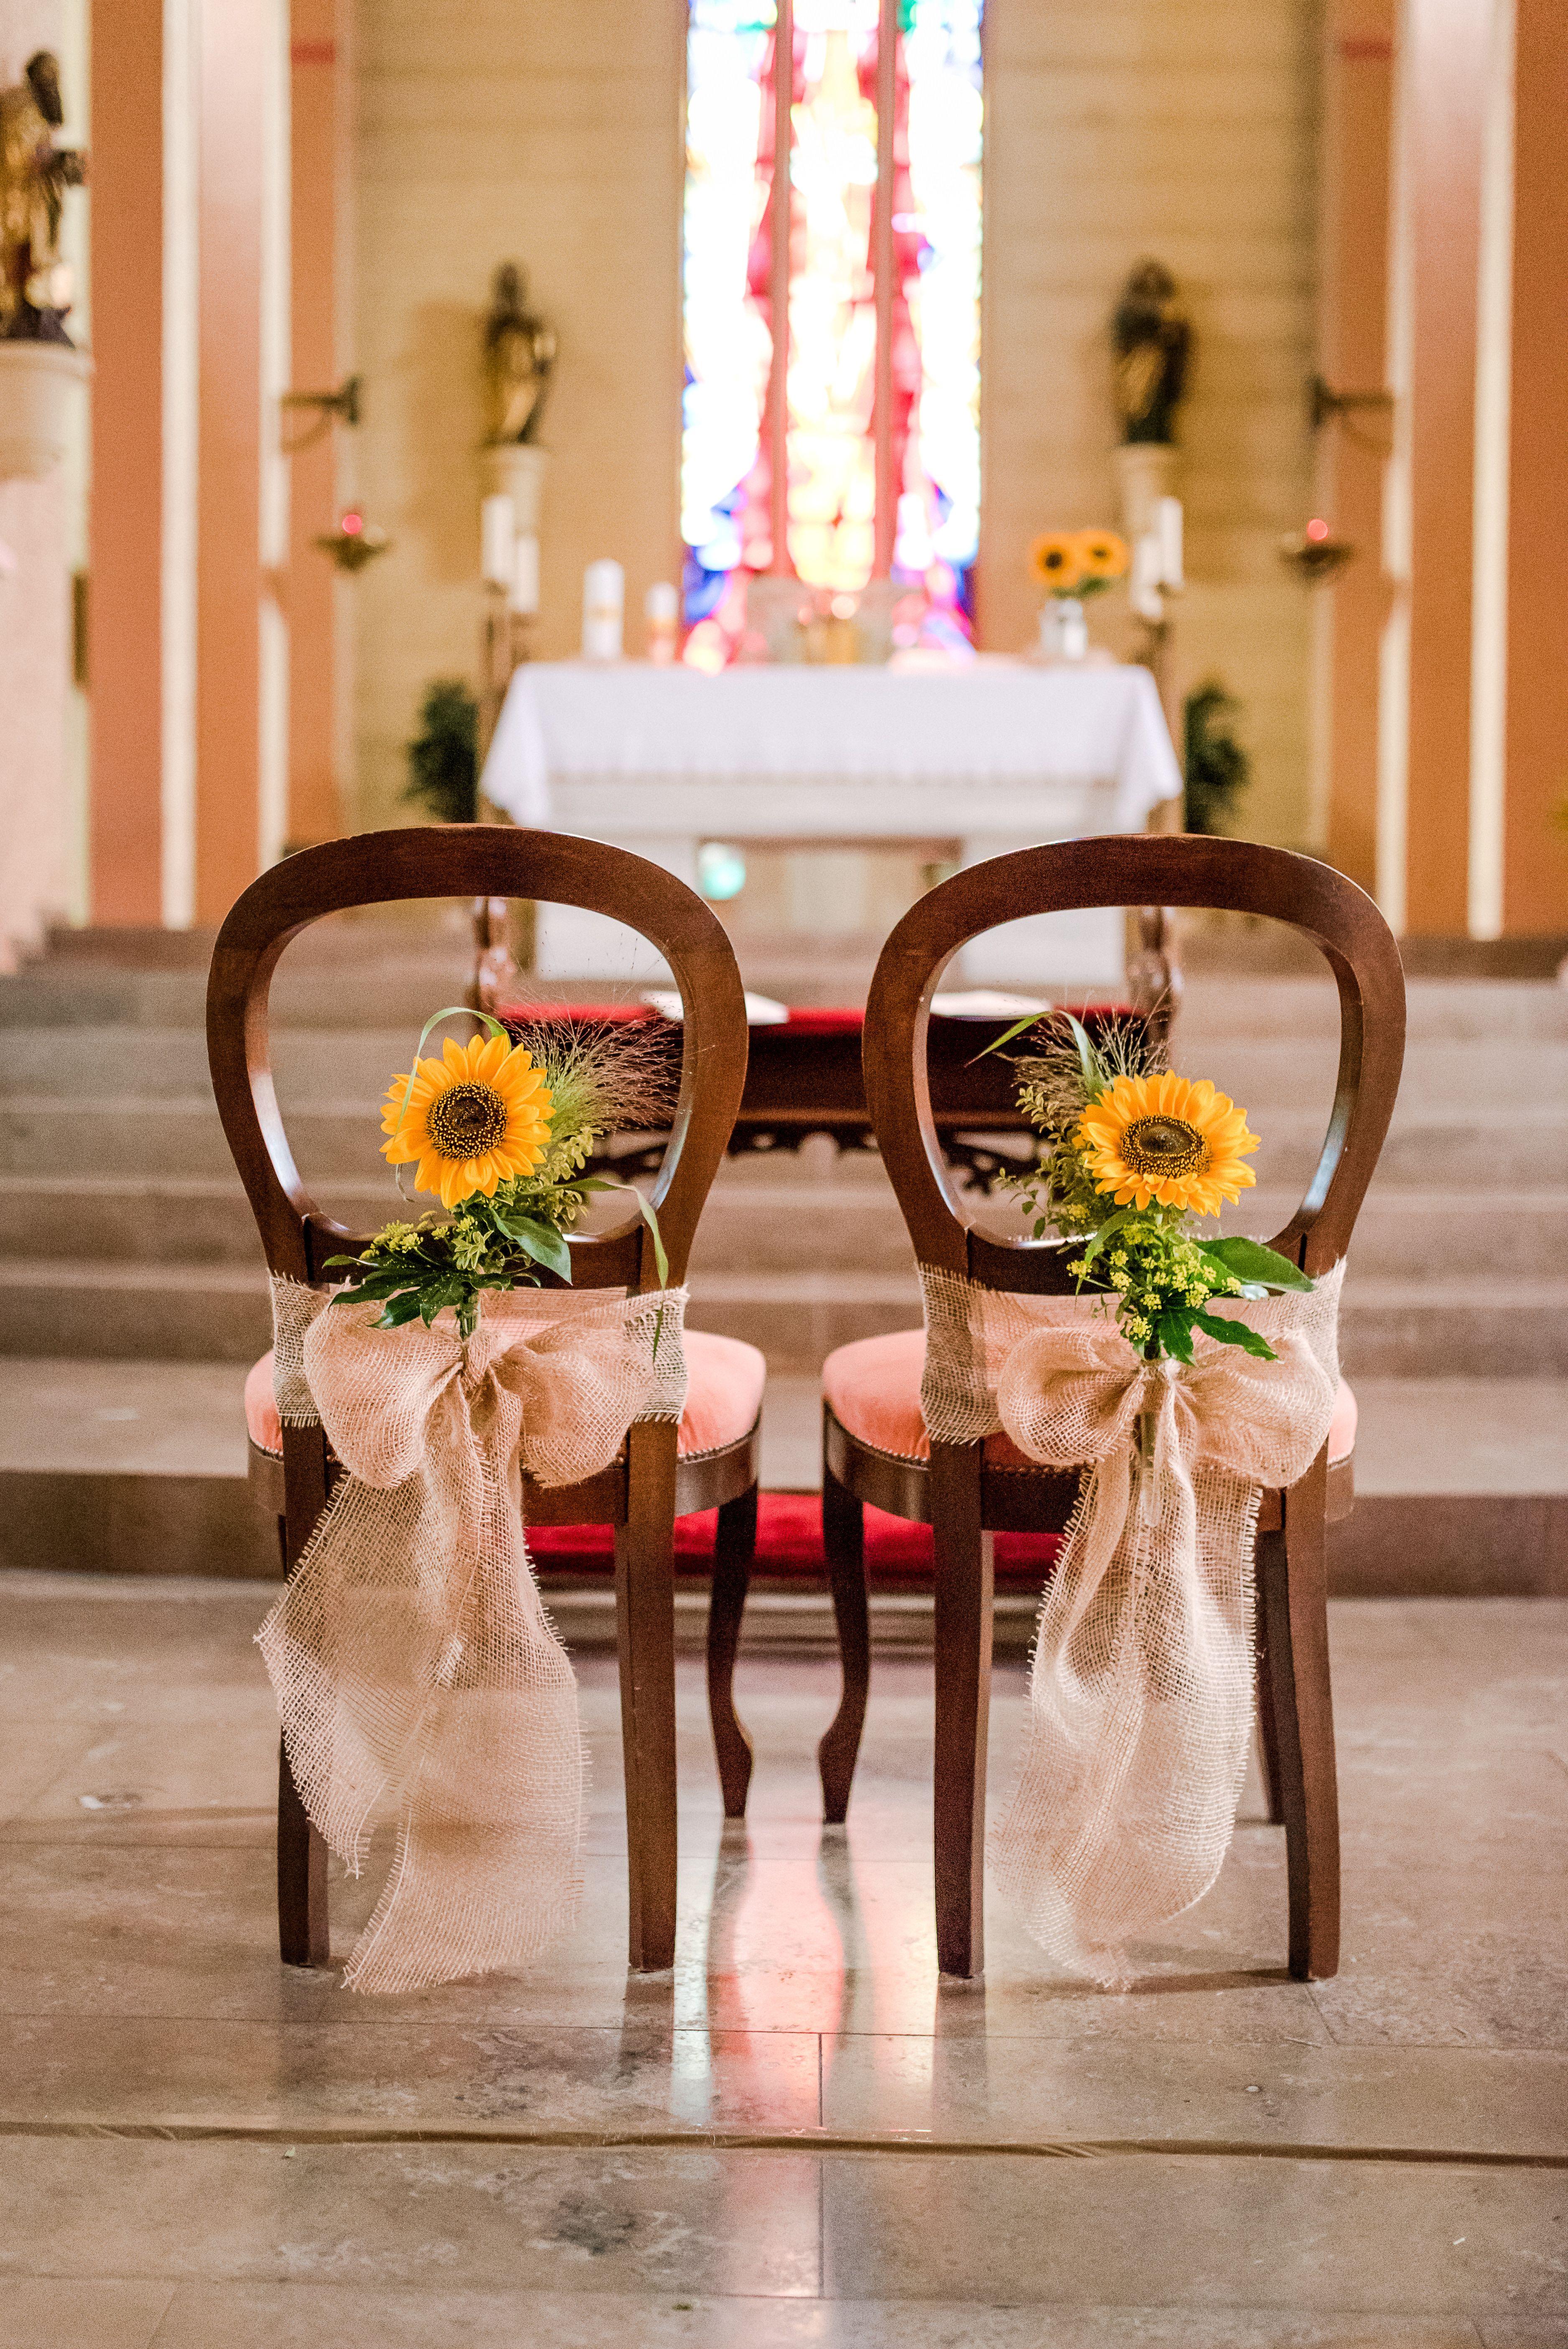 Sonnenblumen Hochzeitsdeko Fur Die Kirchliche Trauung Sonnenblumen Hochzeit Kirchliche Hochzeit Hochzeitsdeko